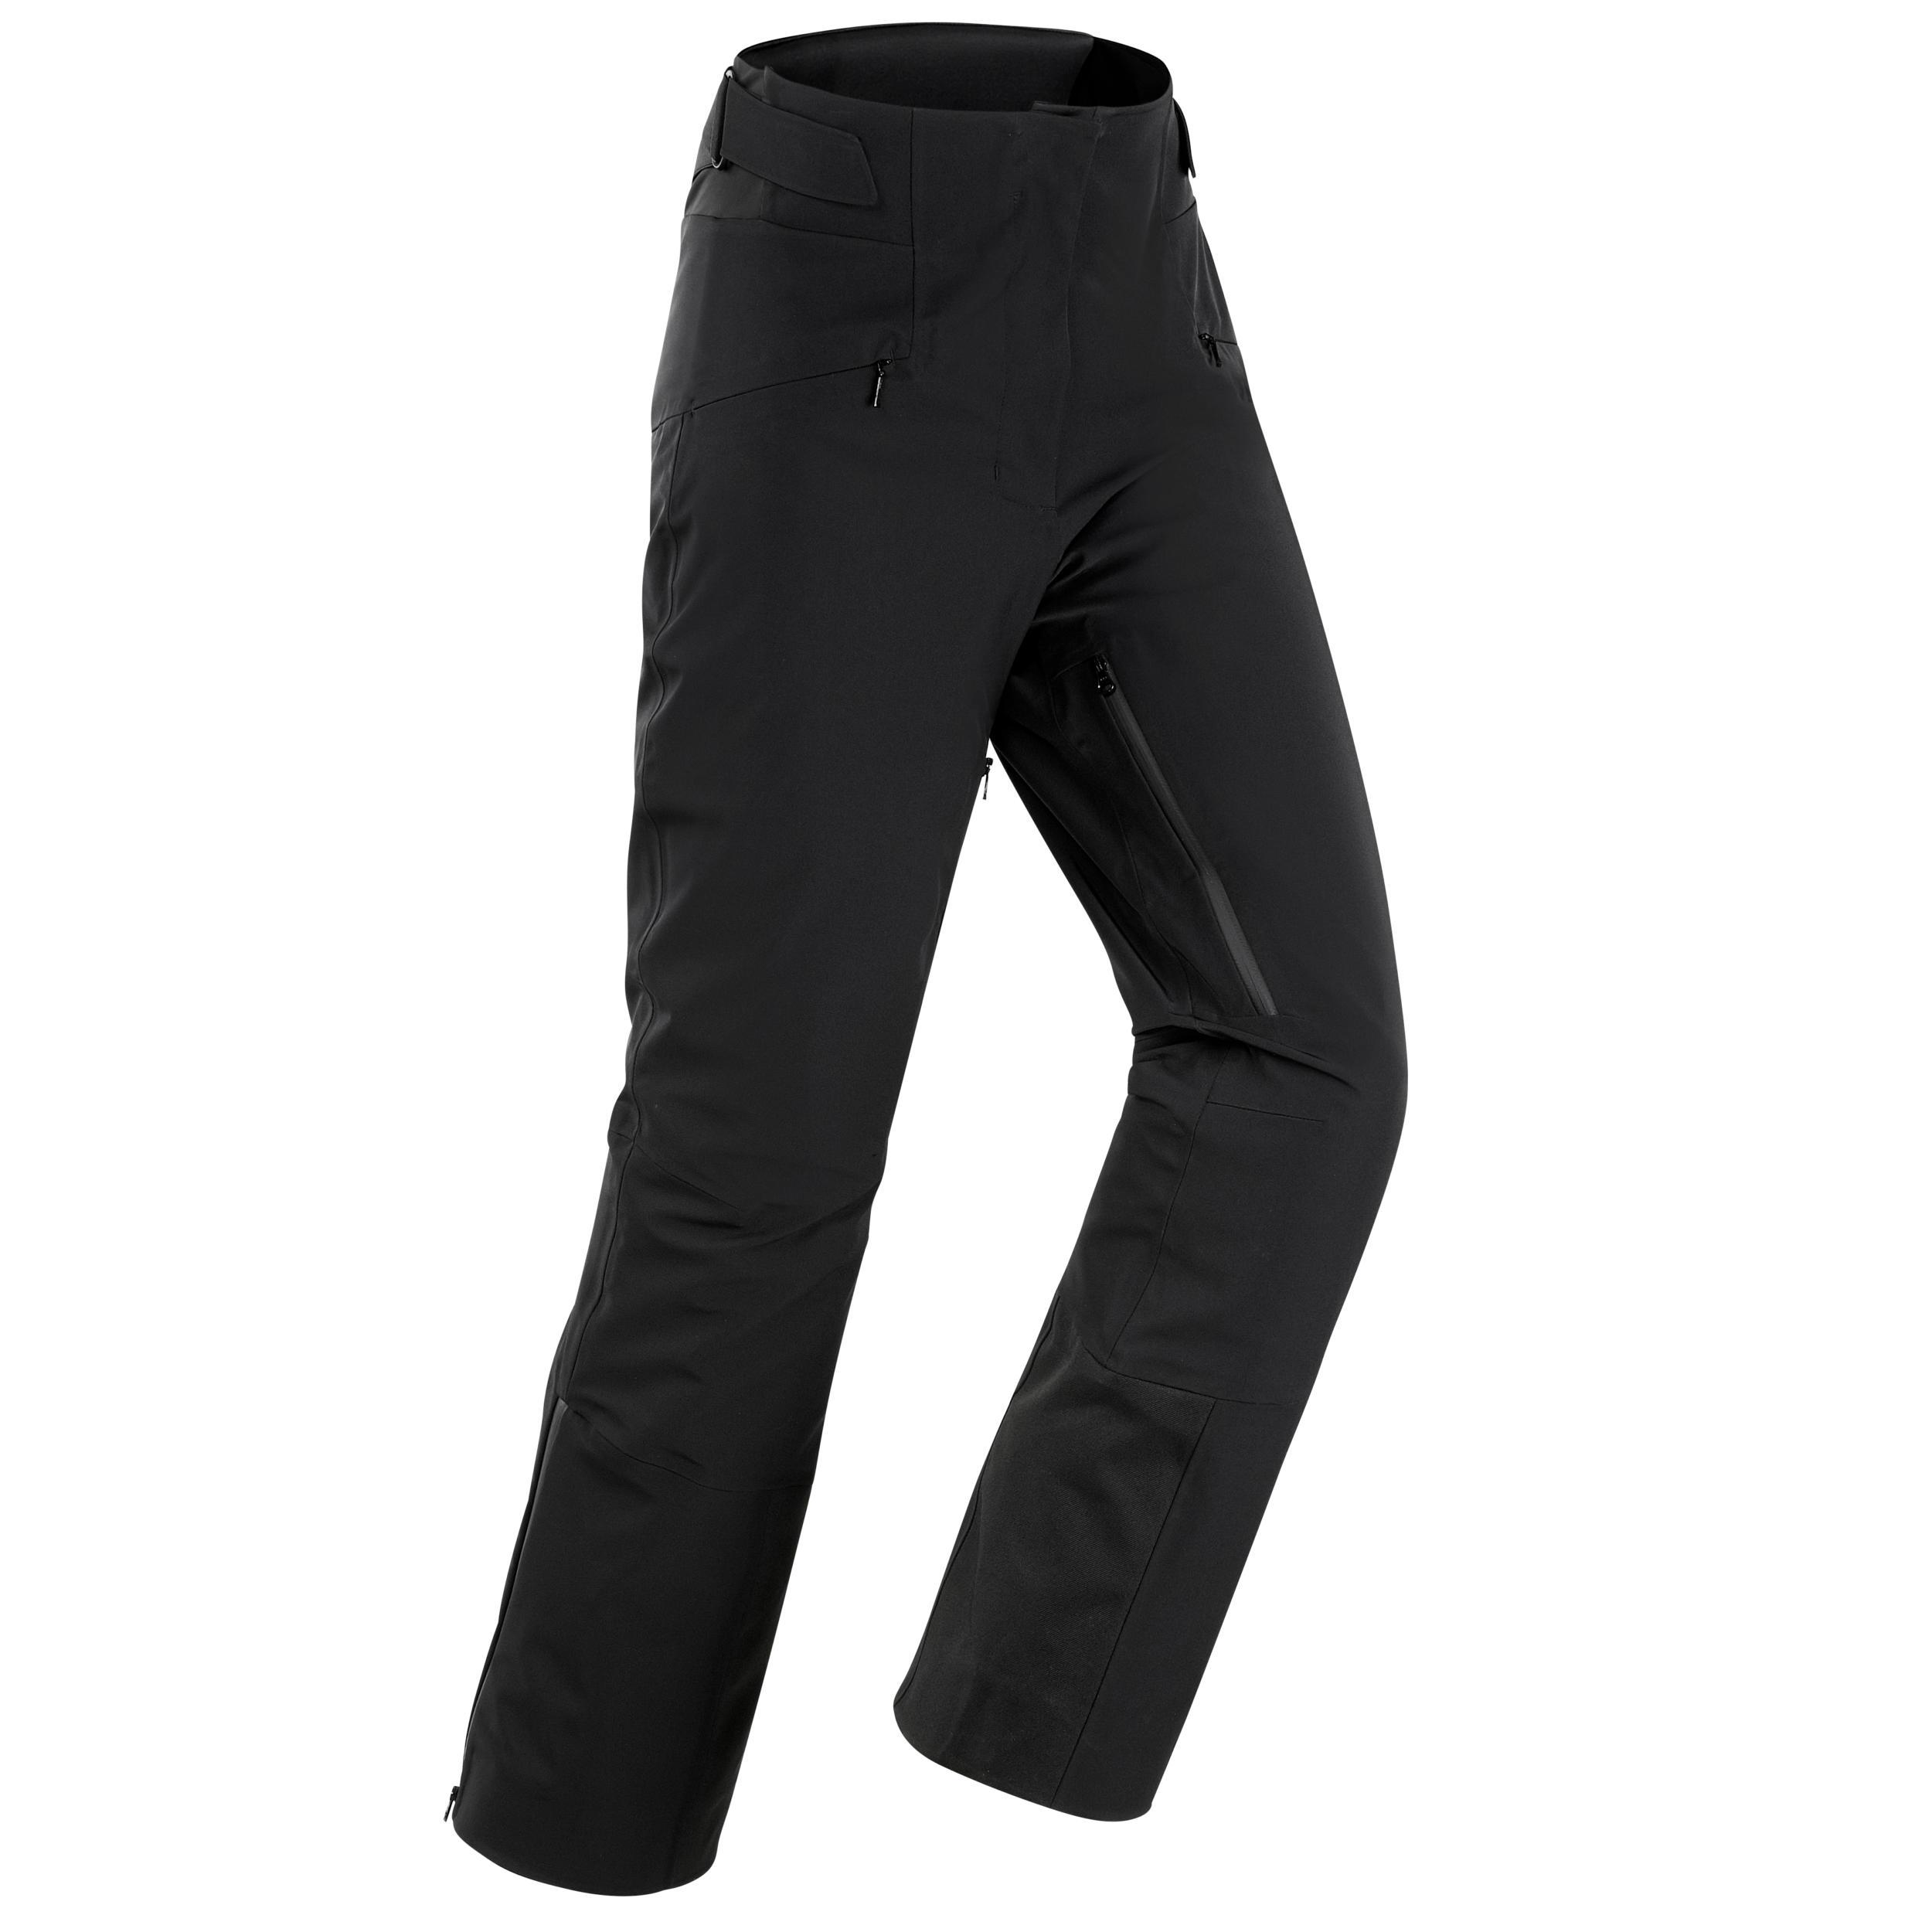 Comprar Pantalones De Snowboard Para Mujer Decathlon